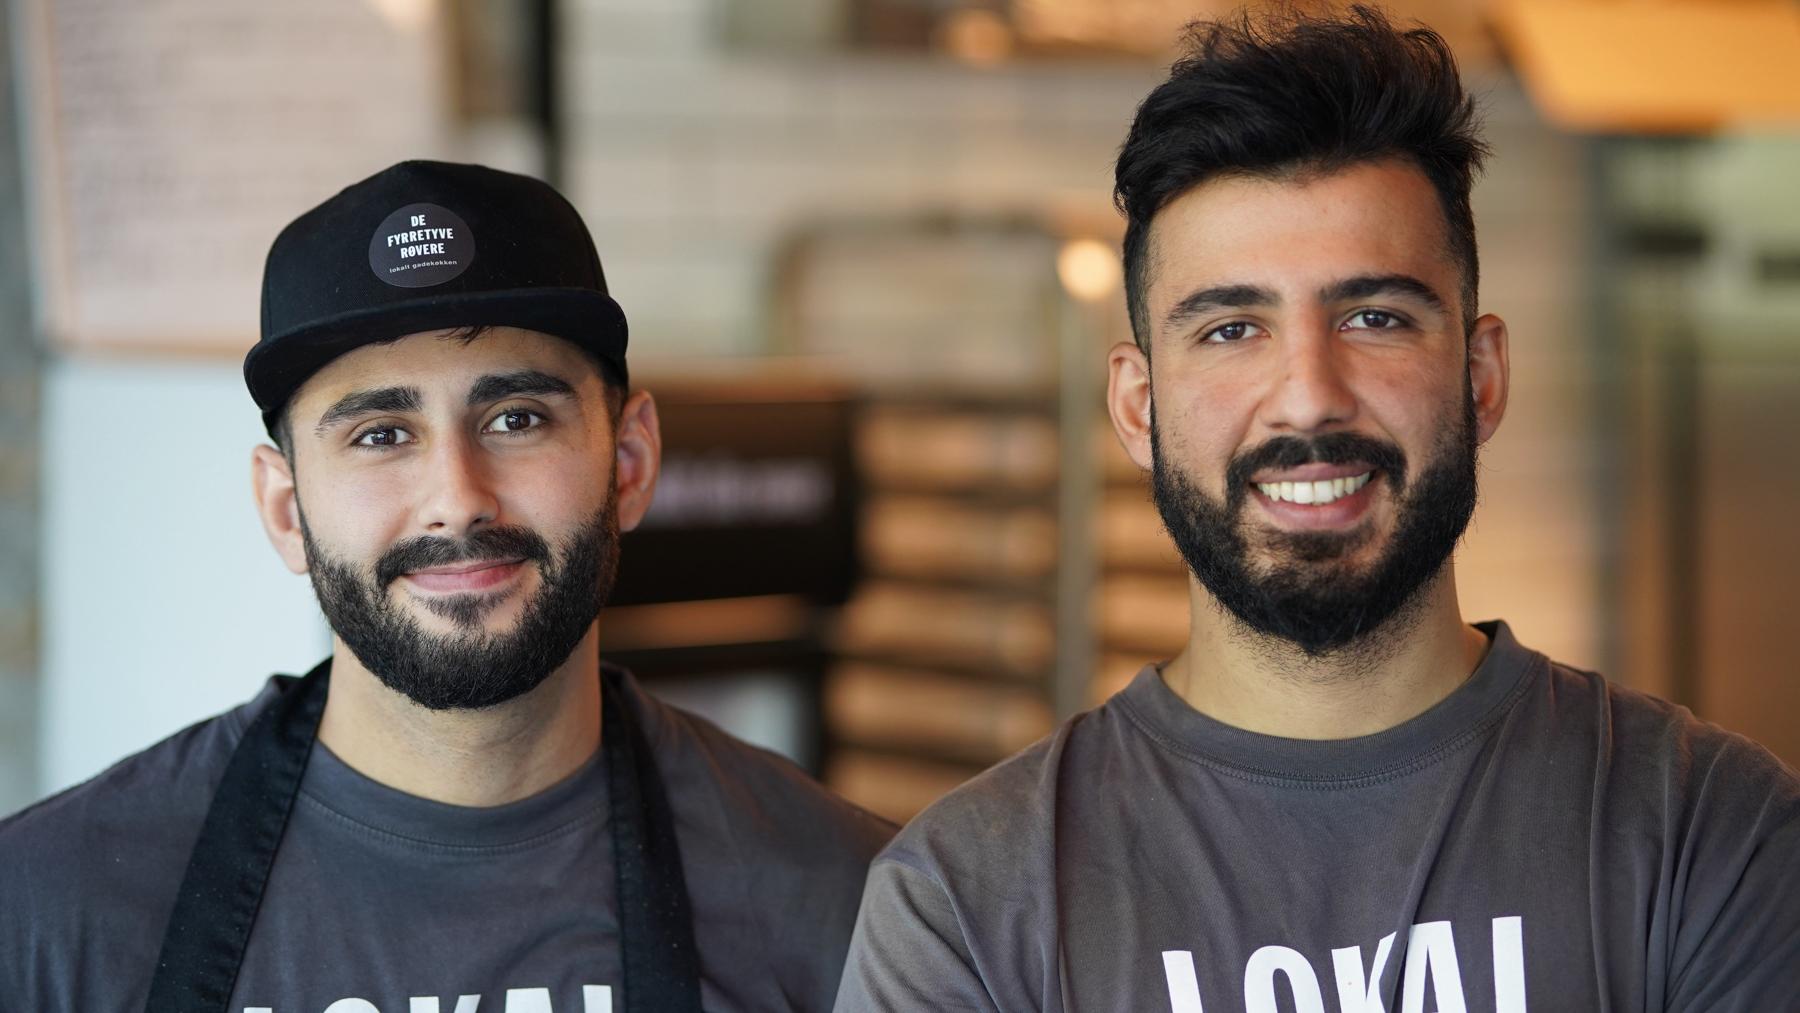 Nyt koncept: De Fyrretyve Røvere åbner nyt gadekøkken i Brabrand